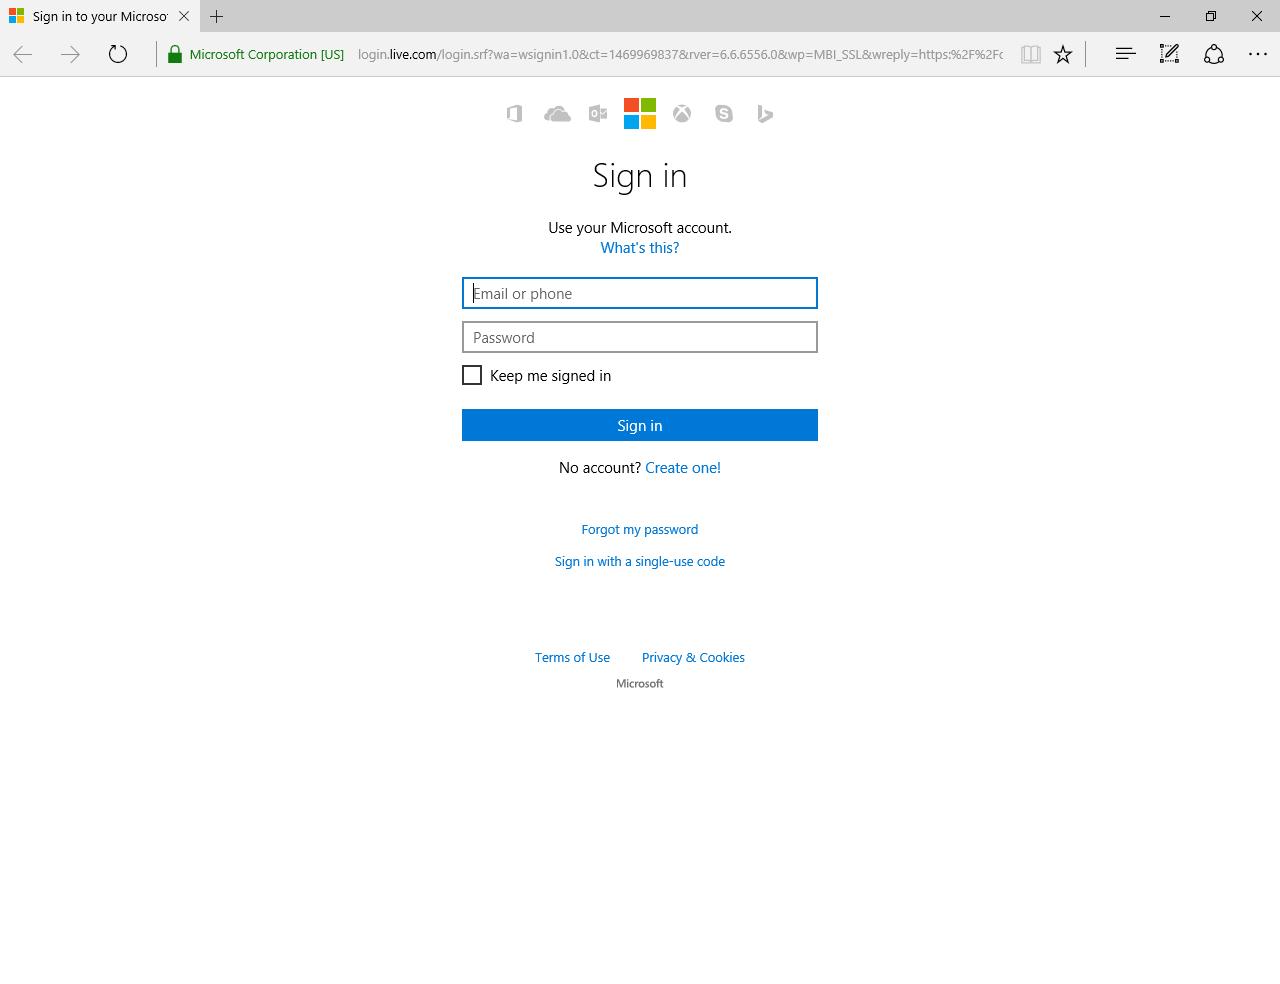 Inloggen met een Microsoft Account